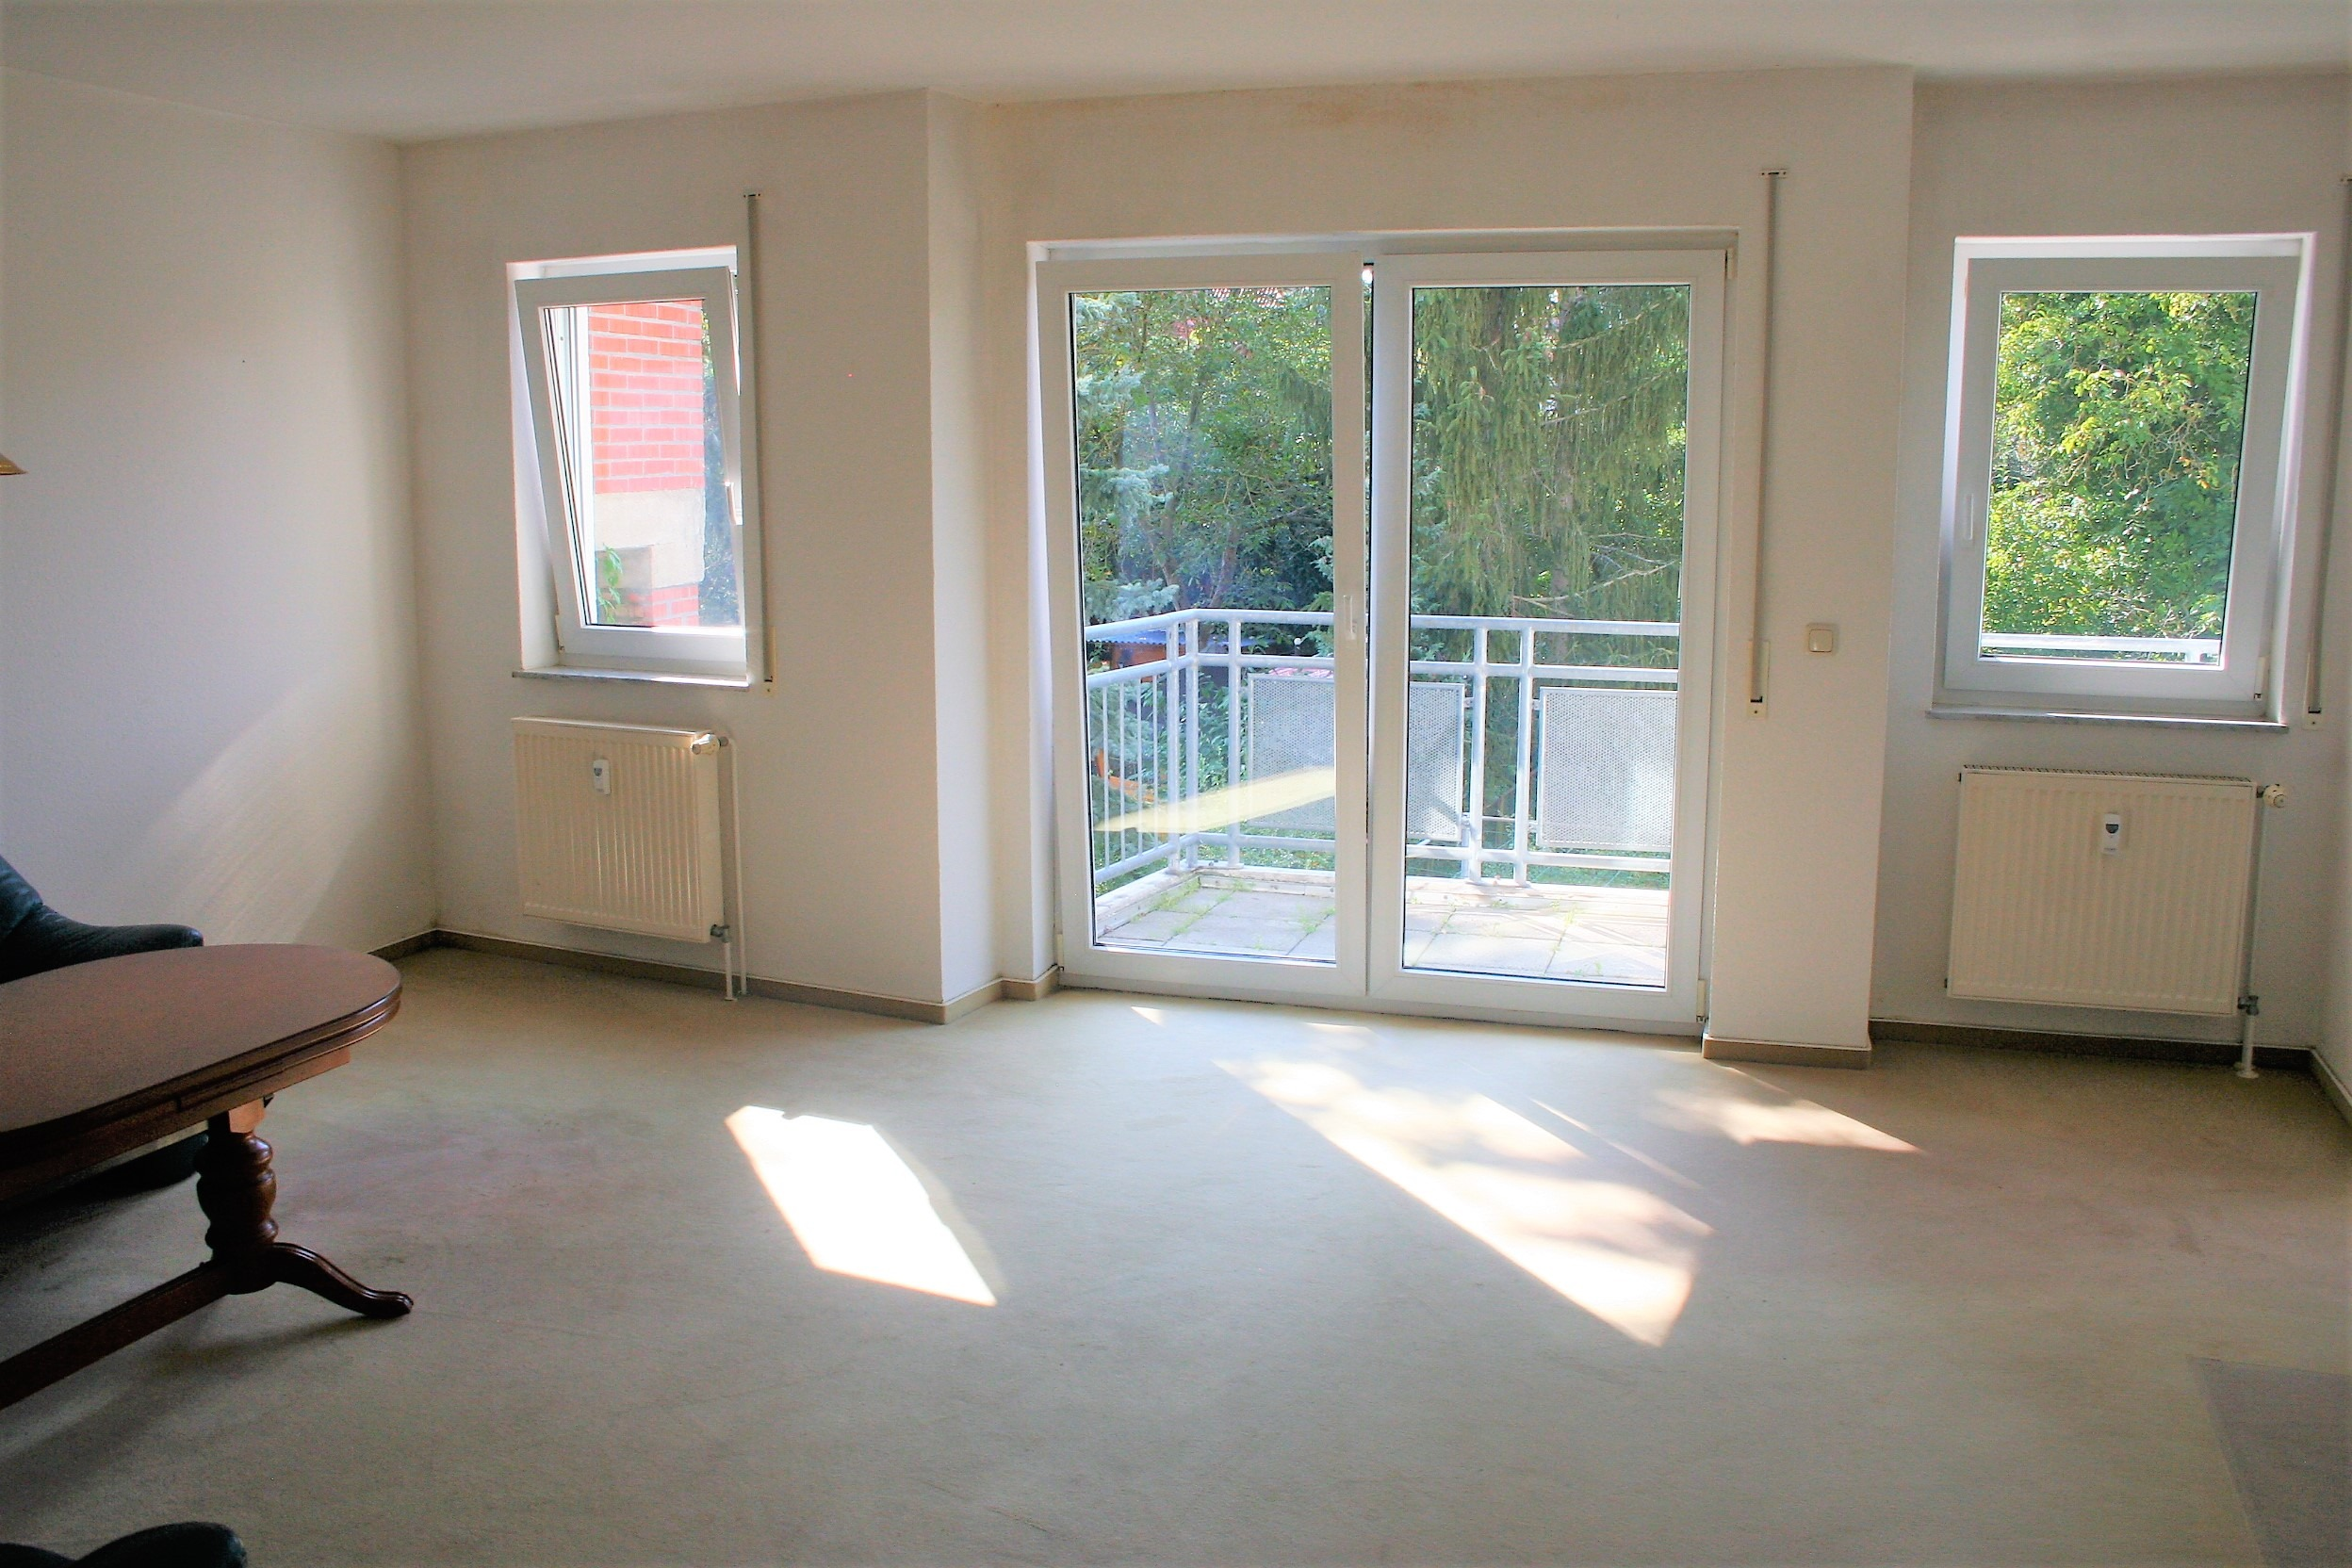 Eigentumswohnung - Wohnzimmer mit Balkonaustritt